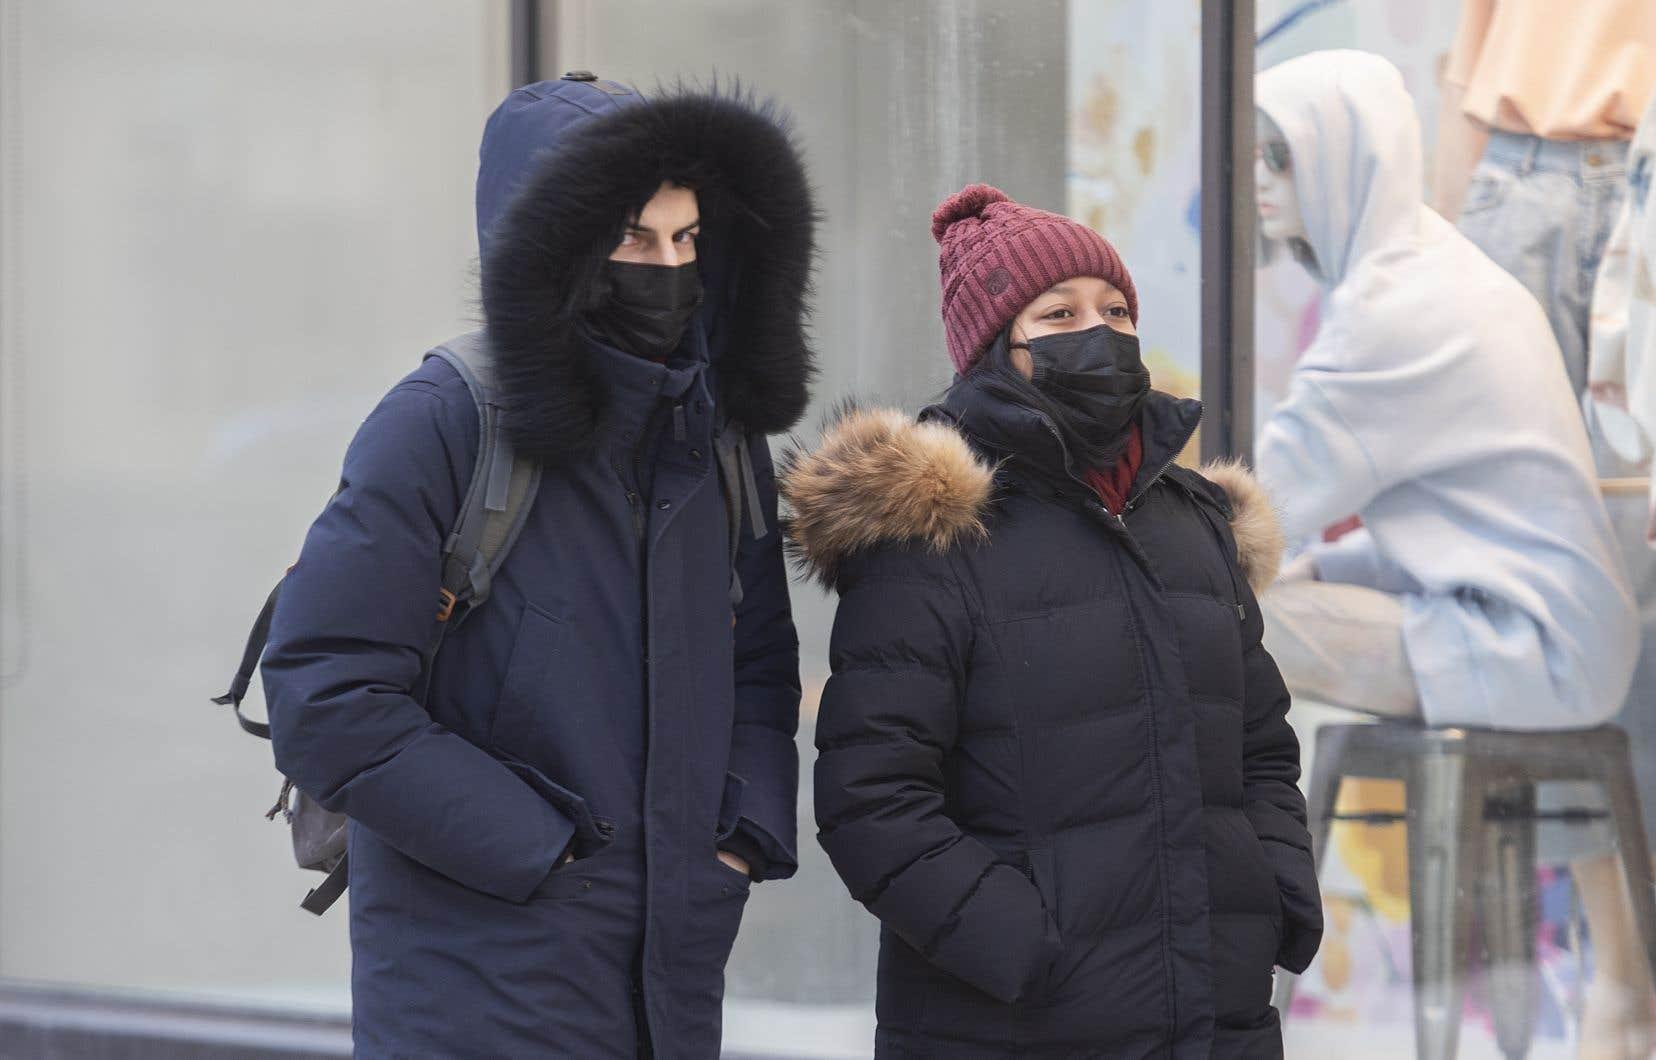 L'assouplissement des mesures de santé publique risque de relancer à la hausse le nombre de nouvelles infections de COVID-19 à Montréal, selon l'INSPQ.